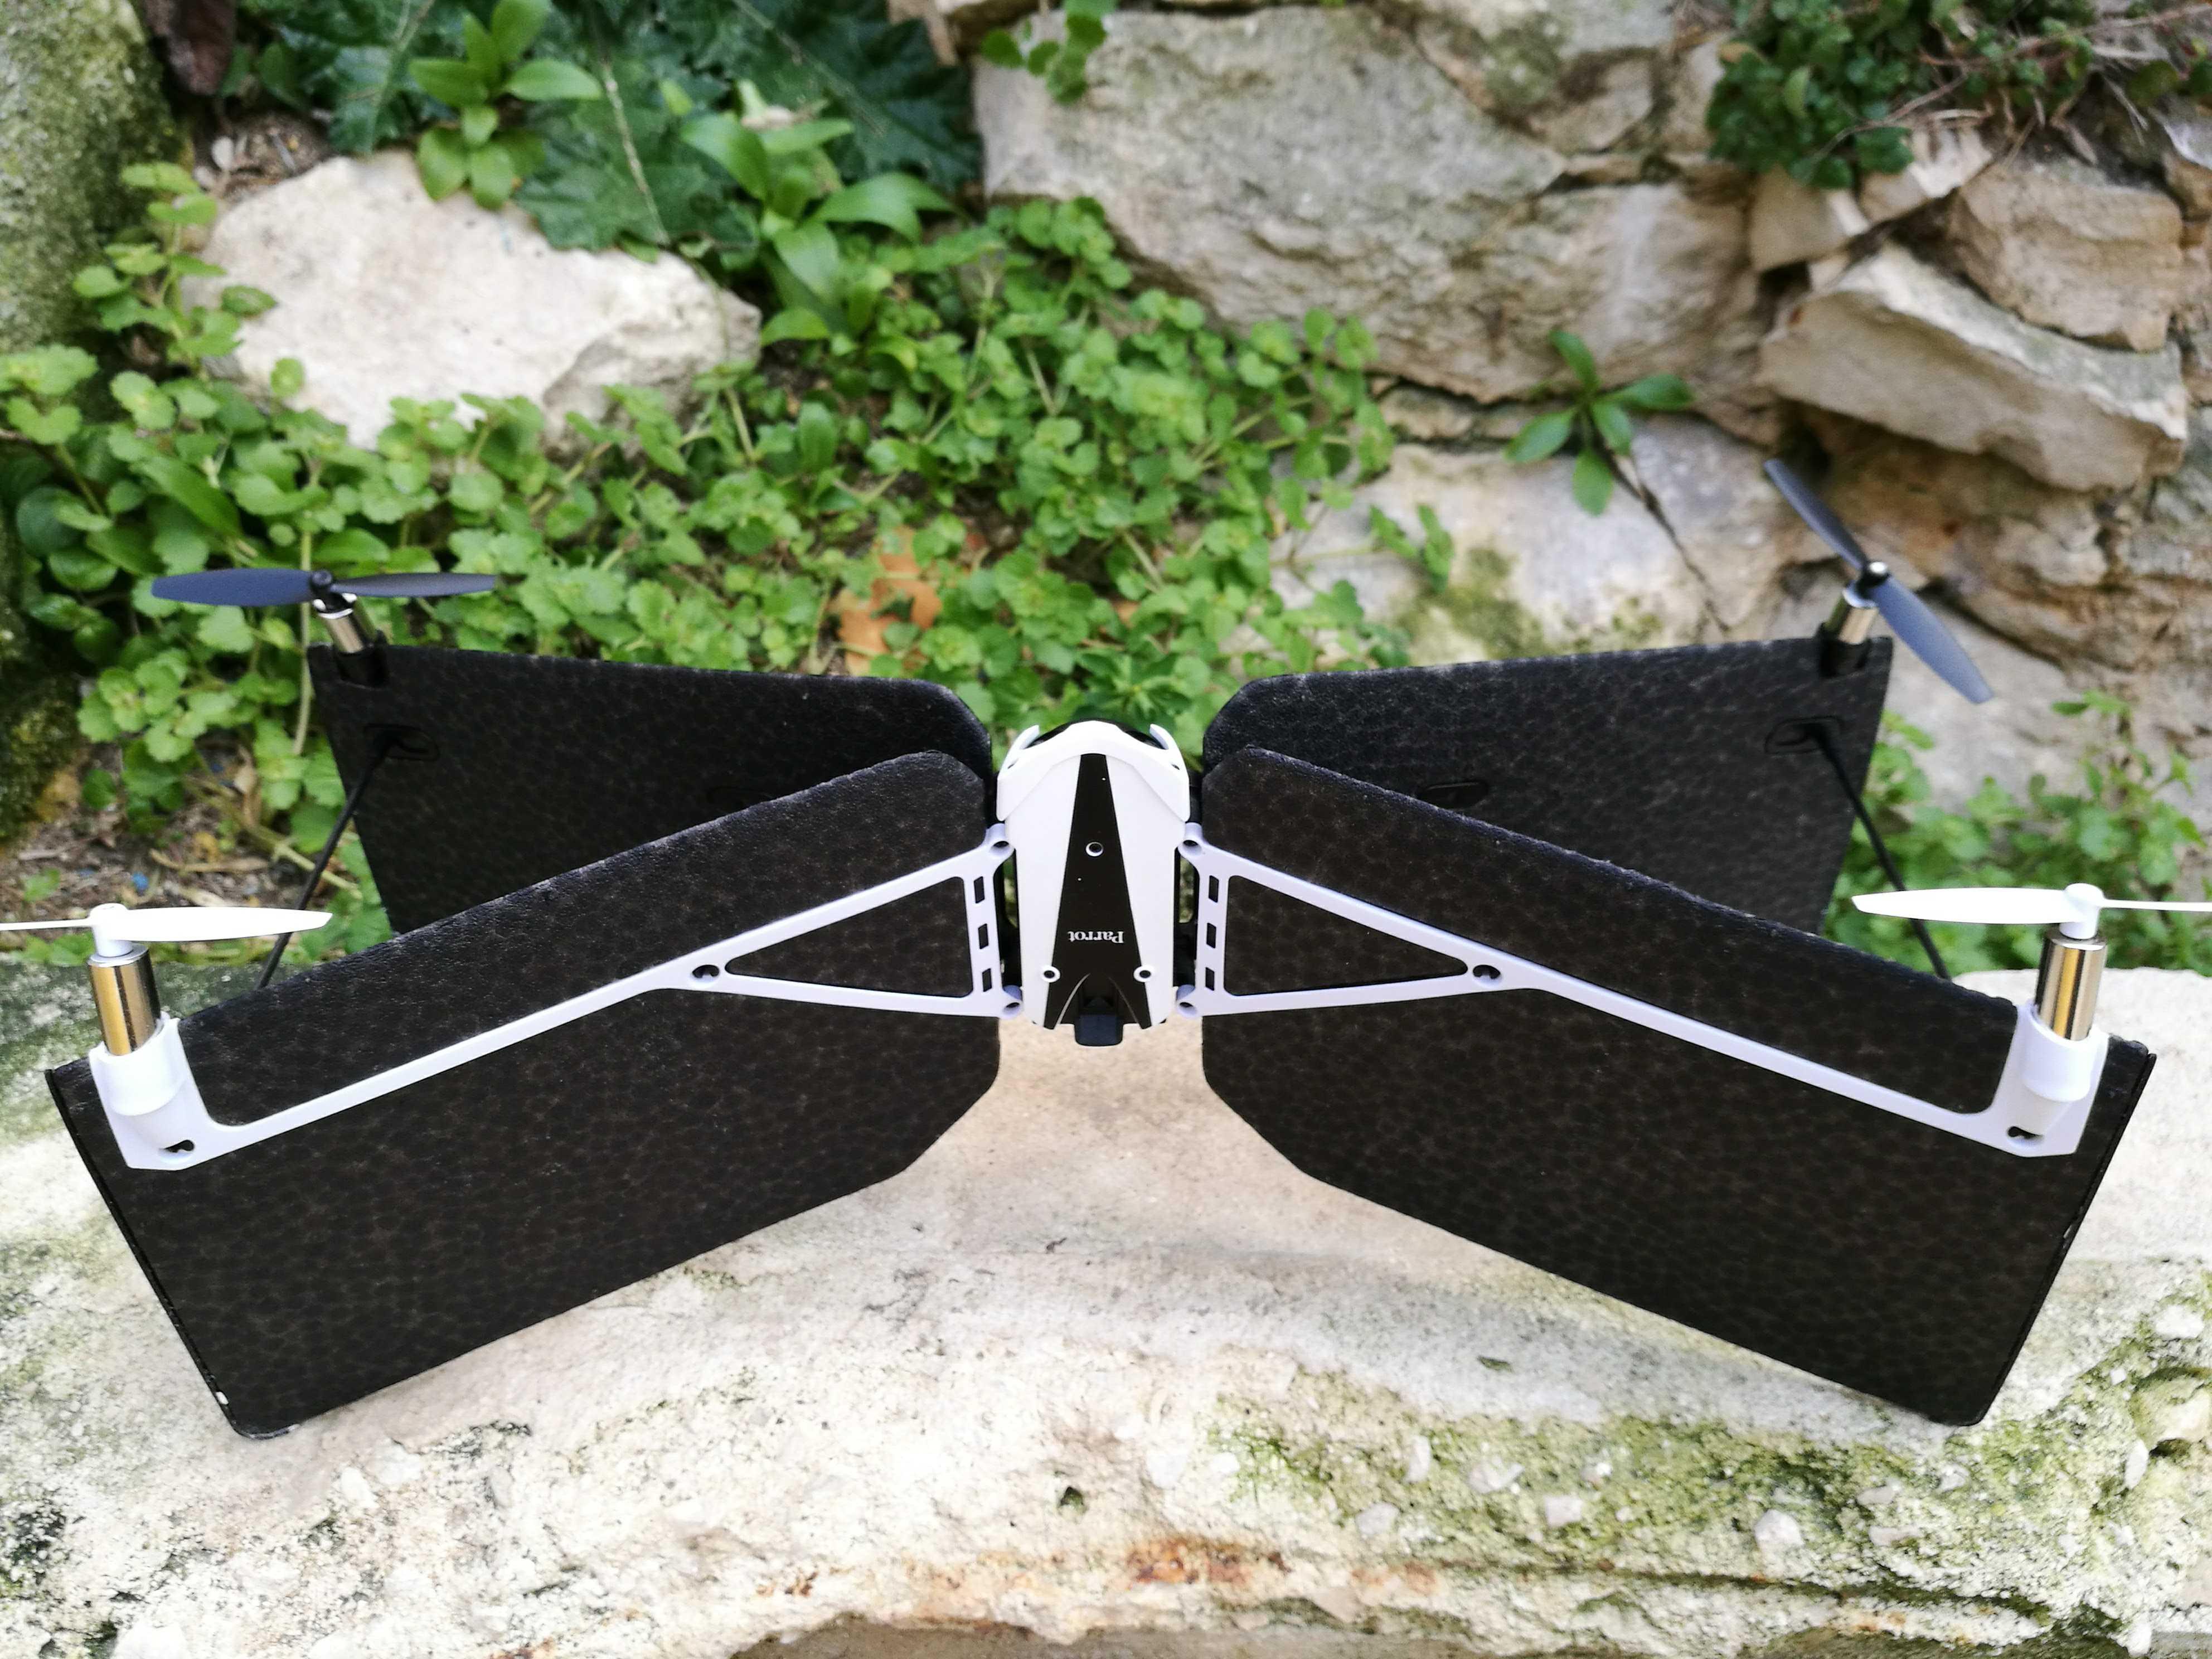 Test du Drone avion Parrot Swing